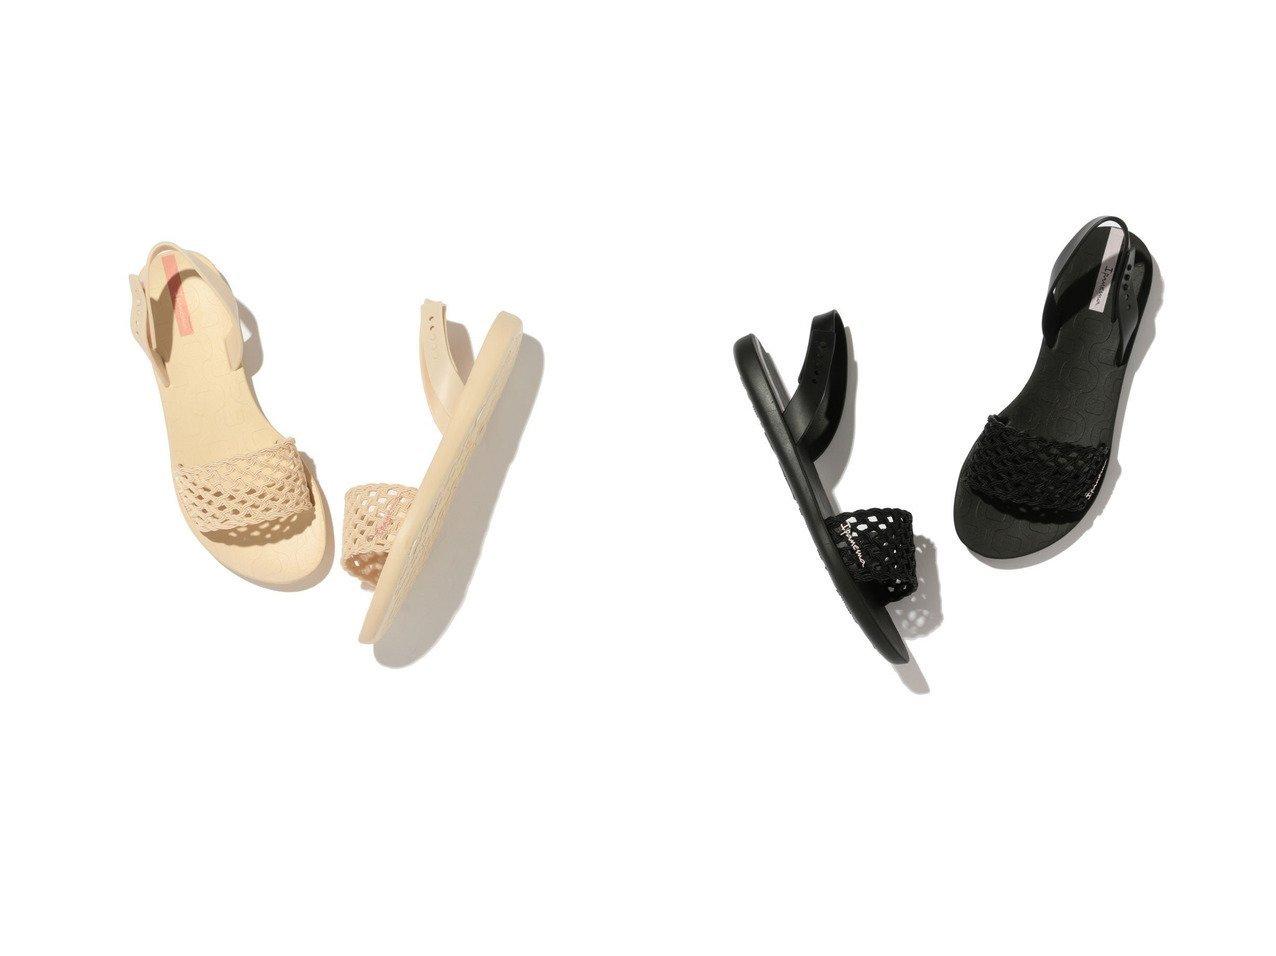 【ROPE'PICNIC PASSAGE/ロペピクニック パサージュ】のロペピクニック パサージュ ROPE PICNIC PASSAGE 【Ipanema】イパネマ BREEZY SANDAL 【シューズ・靴】おすすめ!人気、トレンド・レディースファッションの通販  おすすめで人気の流行・トレンド、ファッションの通販商品 インテリア・家具・メンズファッション・キッズファッション・レディースファッション・服の通販 founy(ファニー) https://founy.com/ ファッション Fashion レディースファッション WOMEN 2021年 2021 2021春夏・S/S SS/Spring/Summer/2021 S/S・春夏 SS・Spring/Summer サンダル ビーチ フィット フェミニン メッシュ ラップ 夏 Summer 春 Spring |ID:crp329100000053900